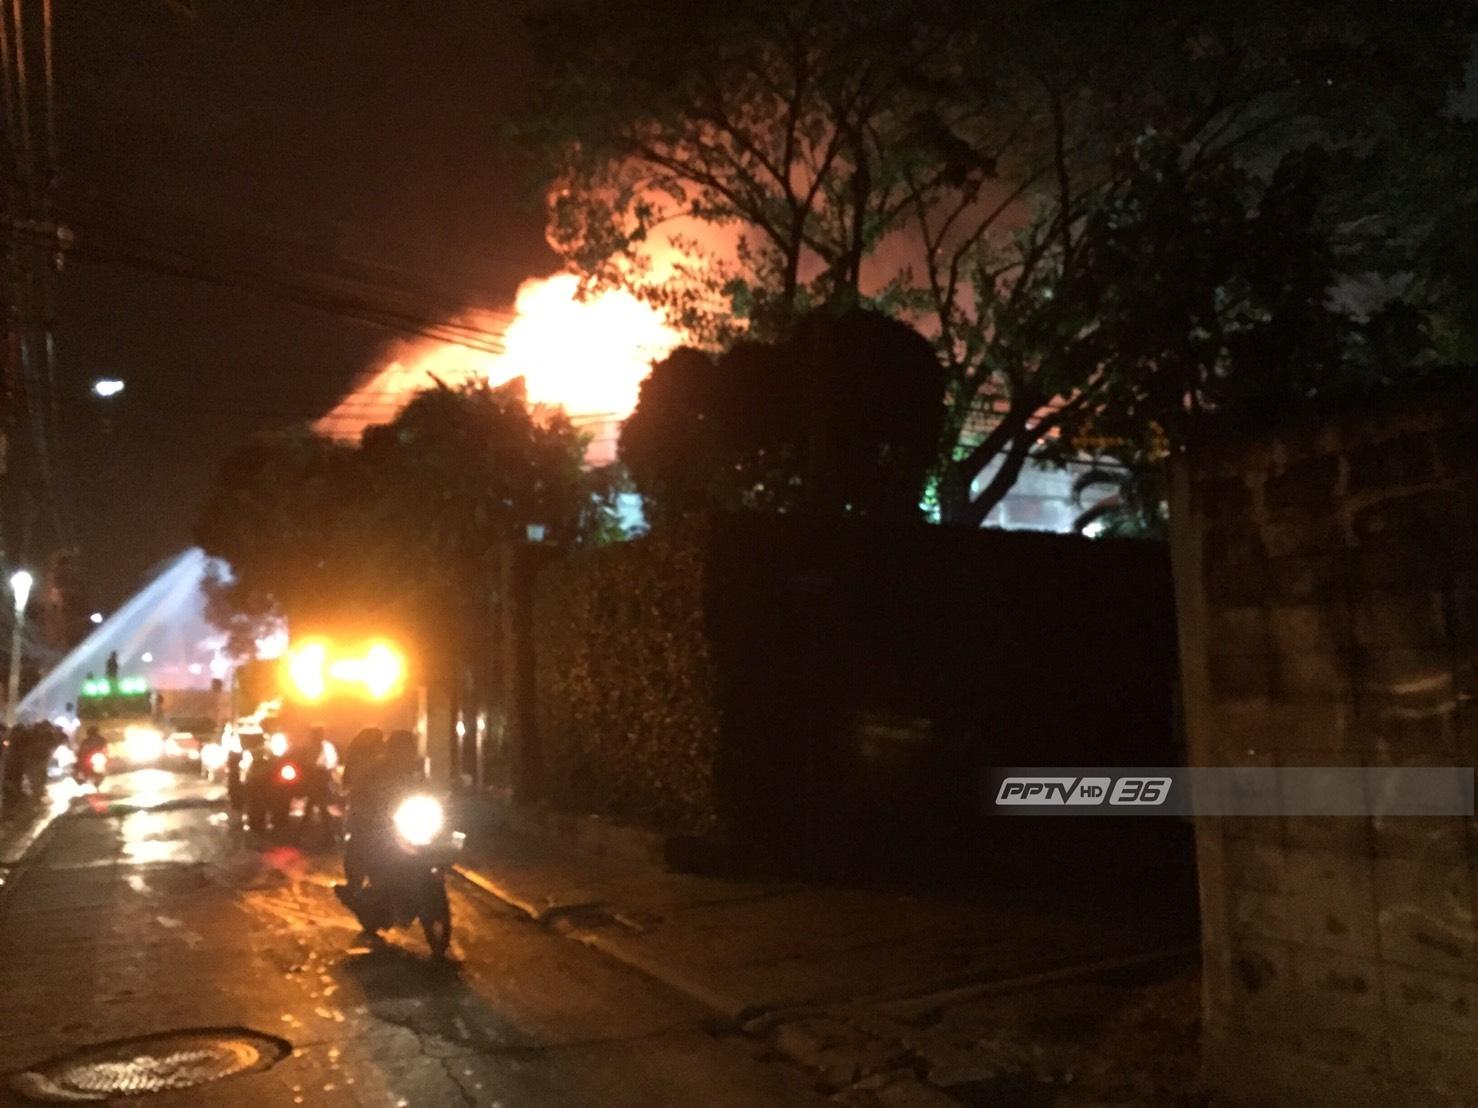 เพลิงไหม้โรงงานผลิตพัดลม ซ.ประชาอุทิศ 33 ไฟปะทุอีกครั้ง